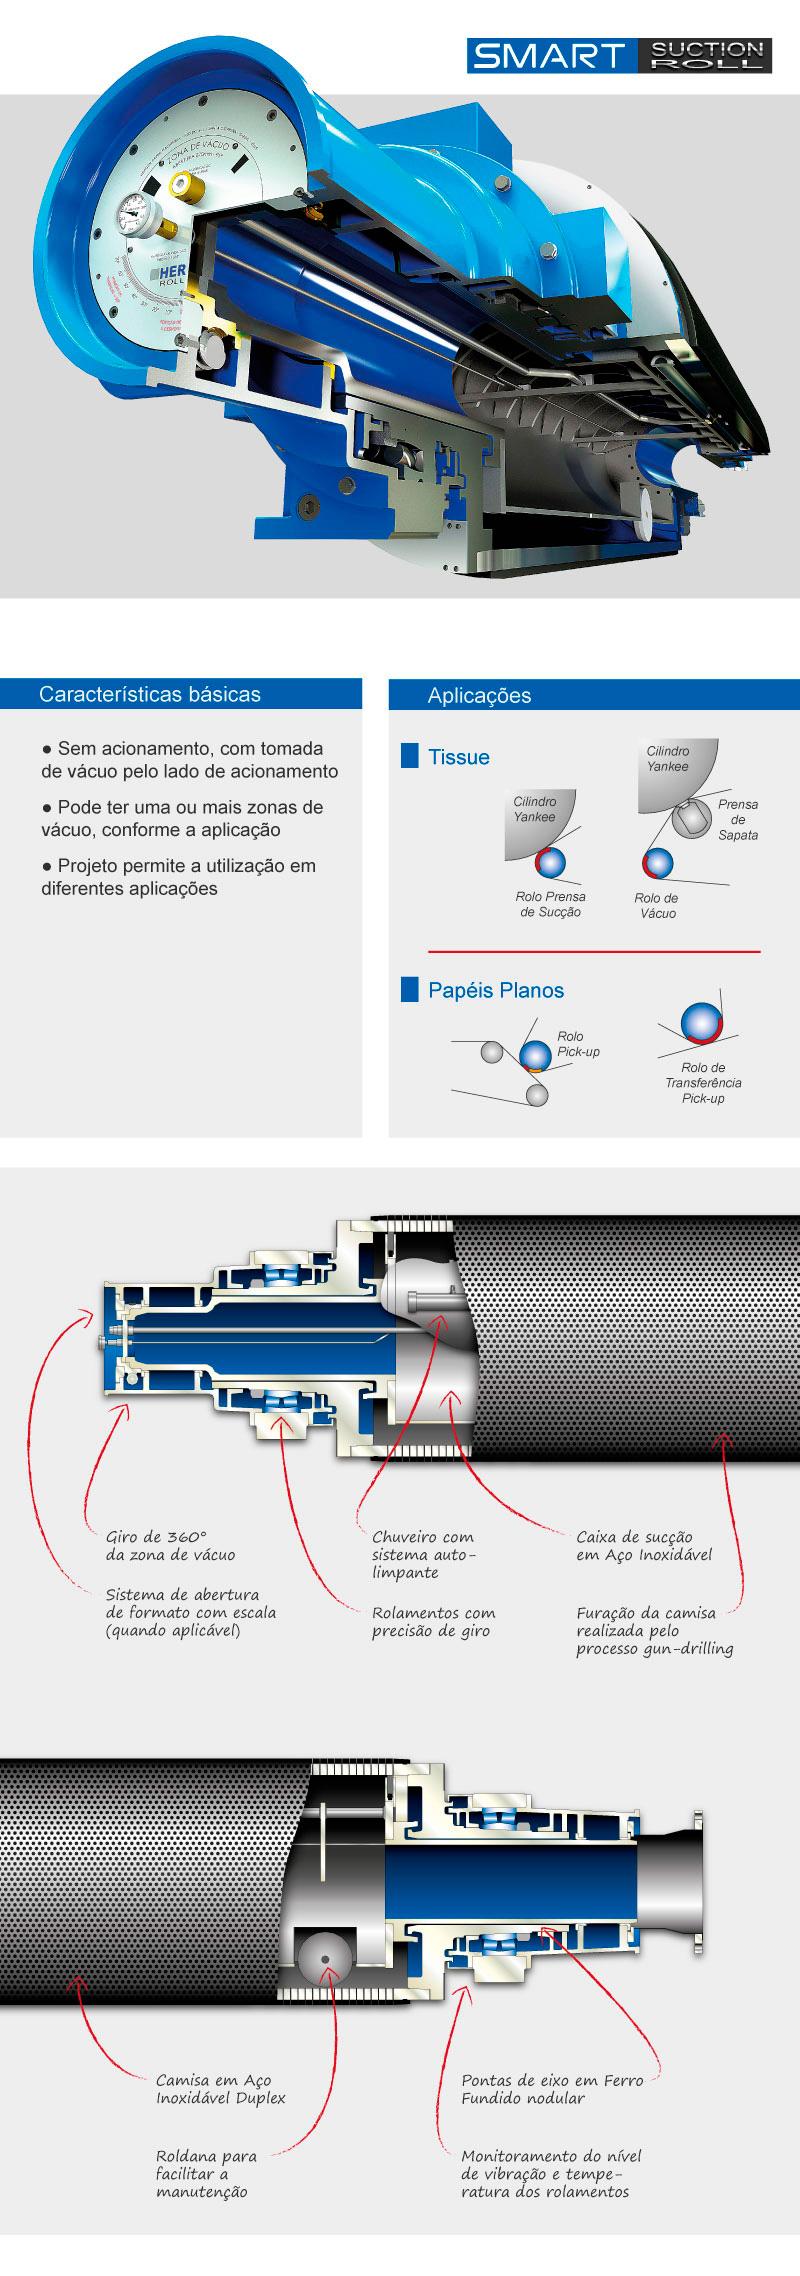 produtos-rolos-rolos-succao-detalhe-2